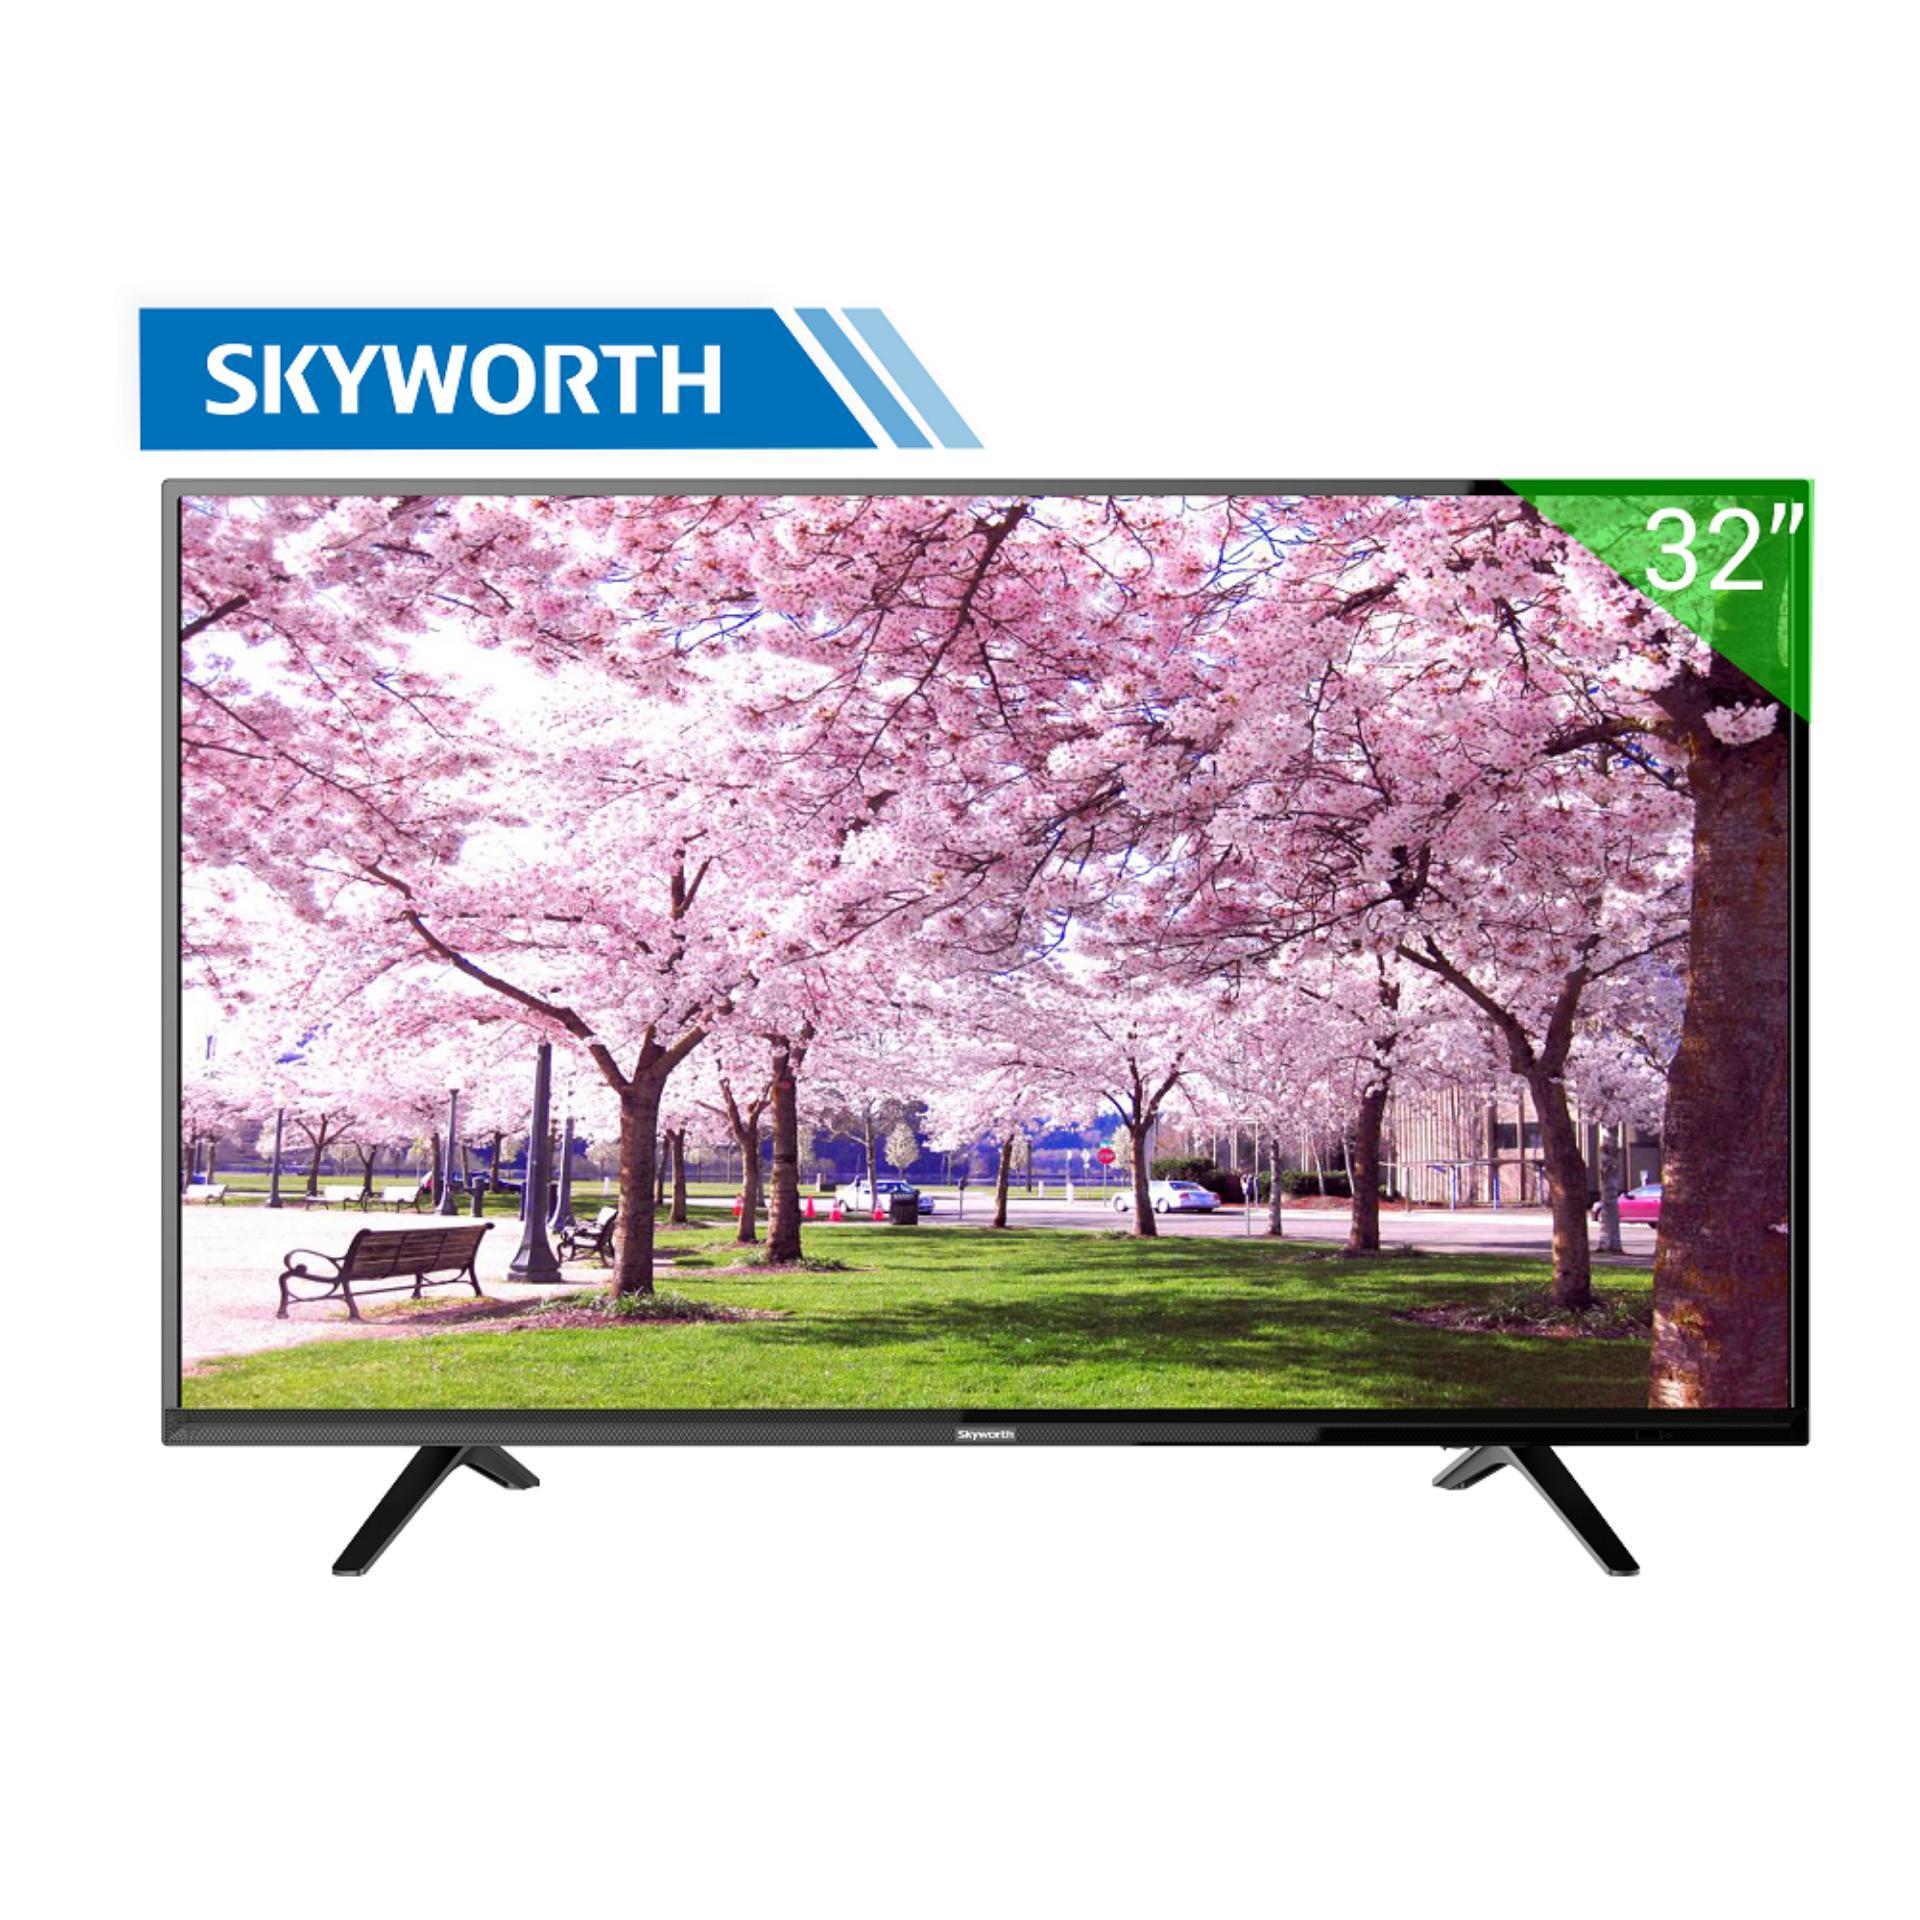 Hình ảnh Tivi LED Skyworth 32inch HD – Model 32E2A12G (Đen) - Hãng phân phối chính thức